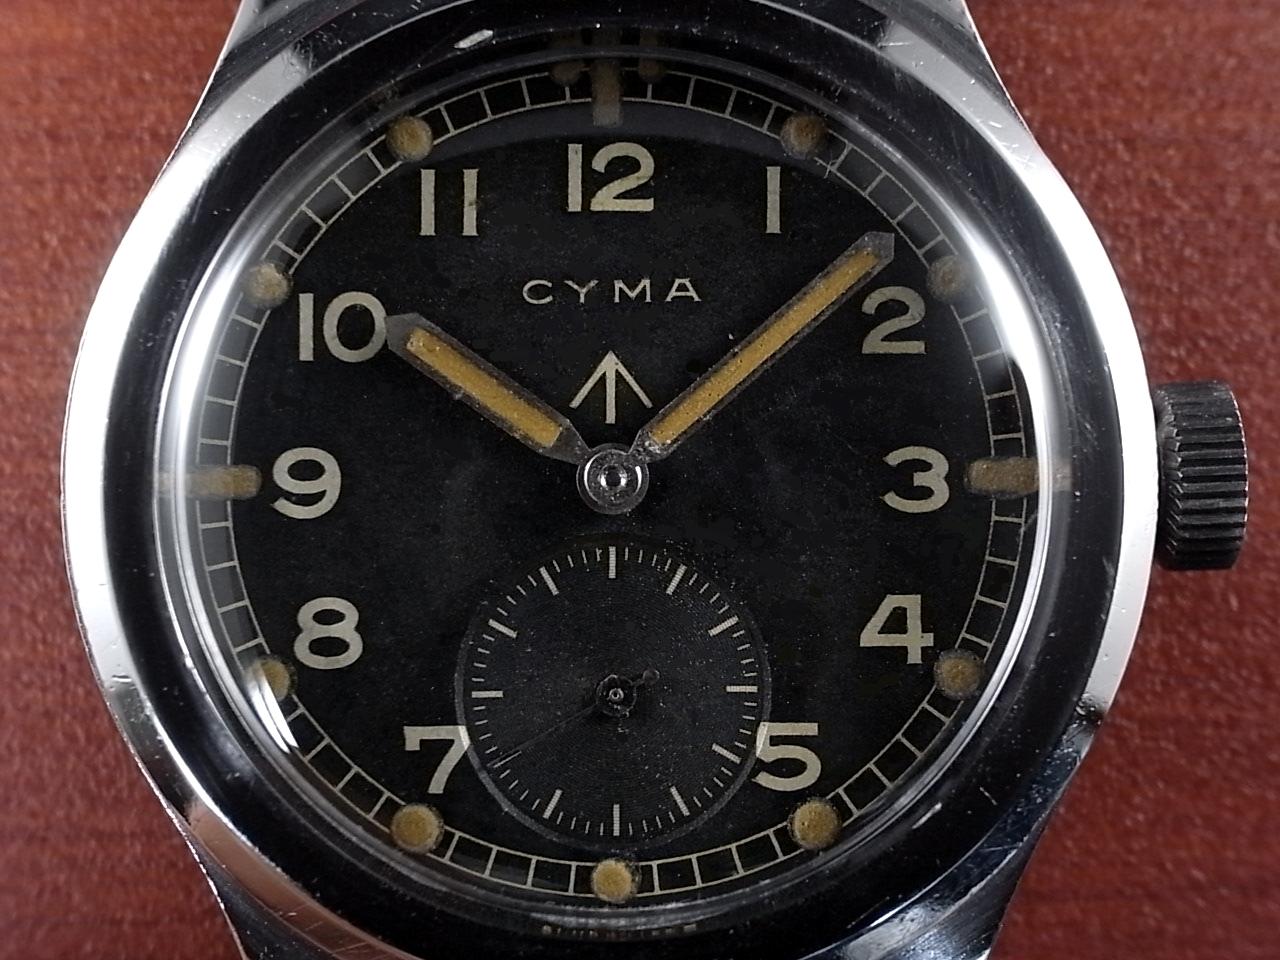 シーマ 軍用時計 英陸軍 W.W.W.  SSラージケース 1940年代の写真2枚目